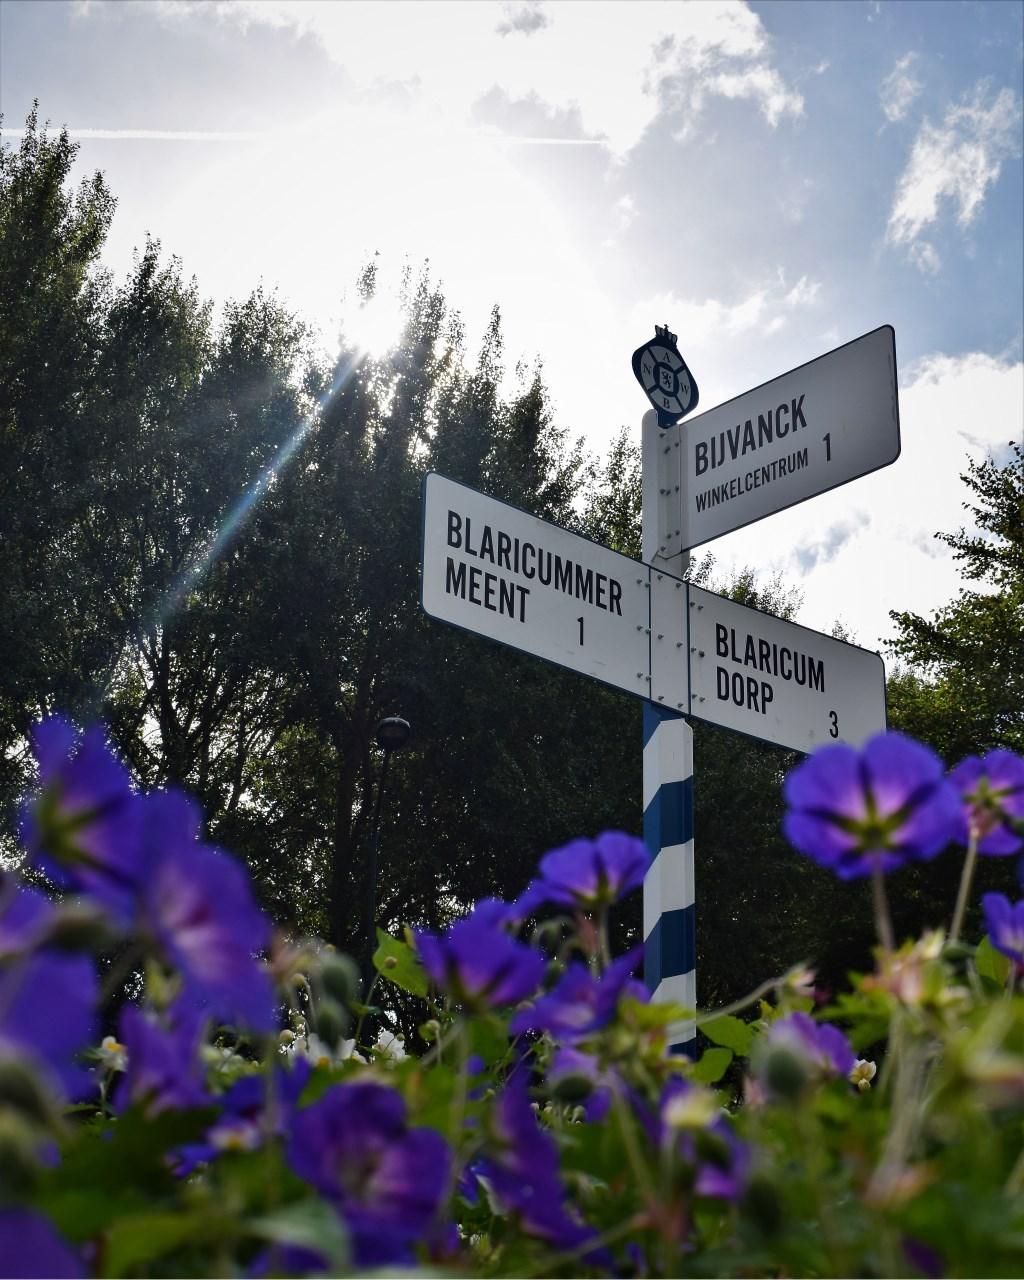 ANWB-paal op de rotonde in de Bijvanck. Foto:  Debbie Croonen-Bakker  © Enter Media